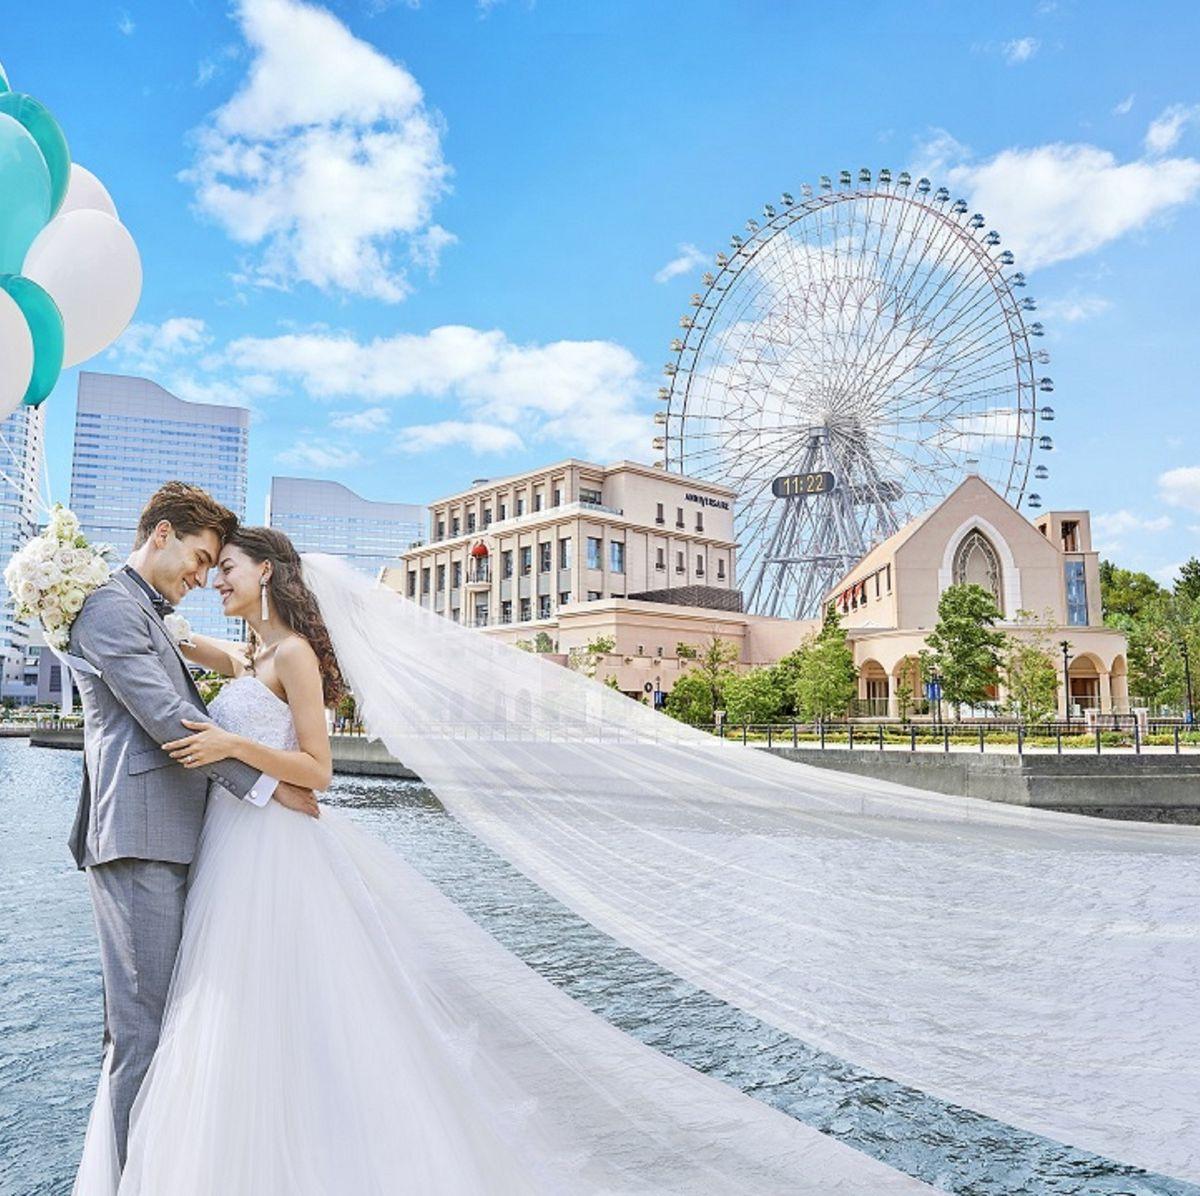 アニヴェルセル みなとみらい横浜の公式写真1枚目